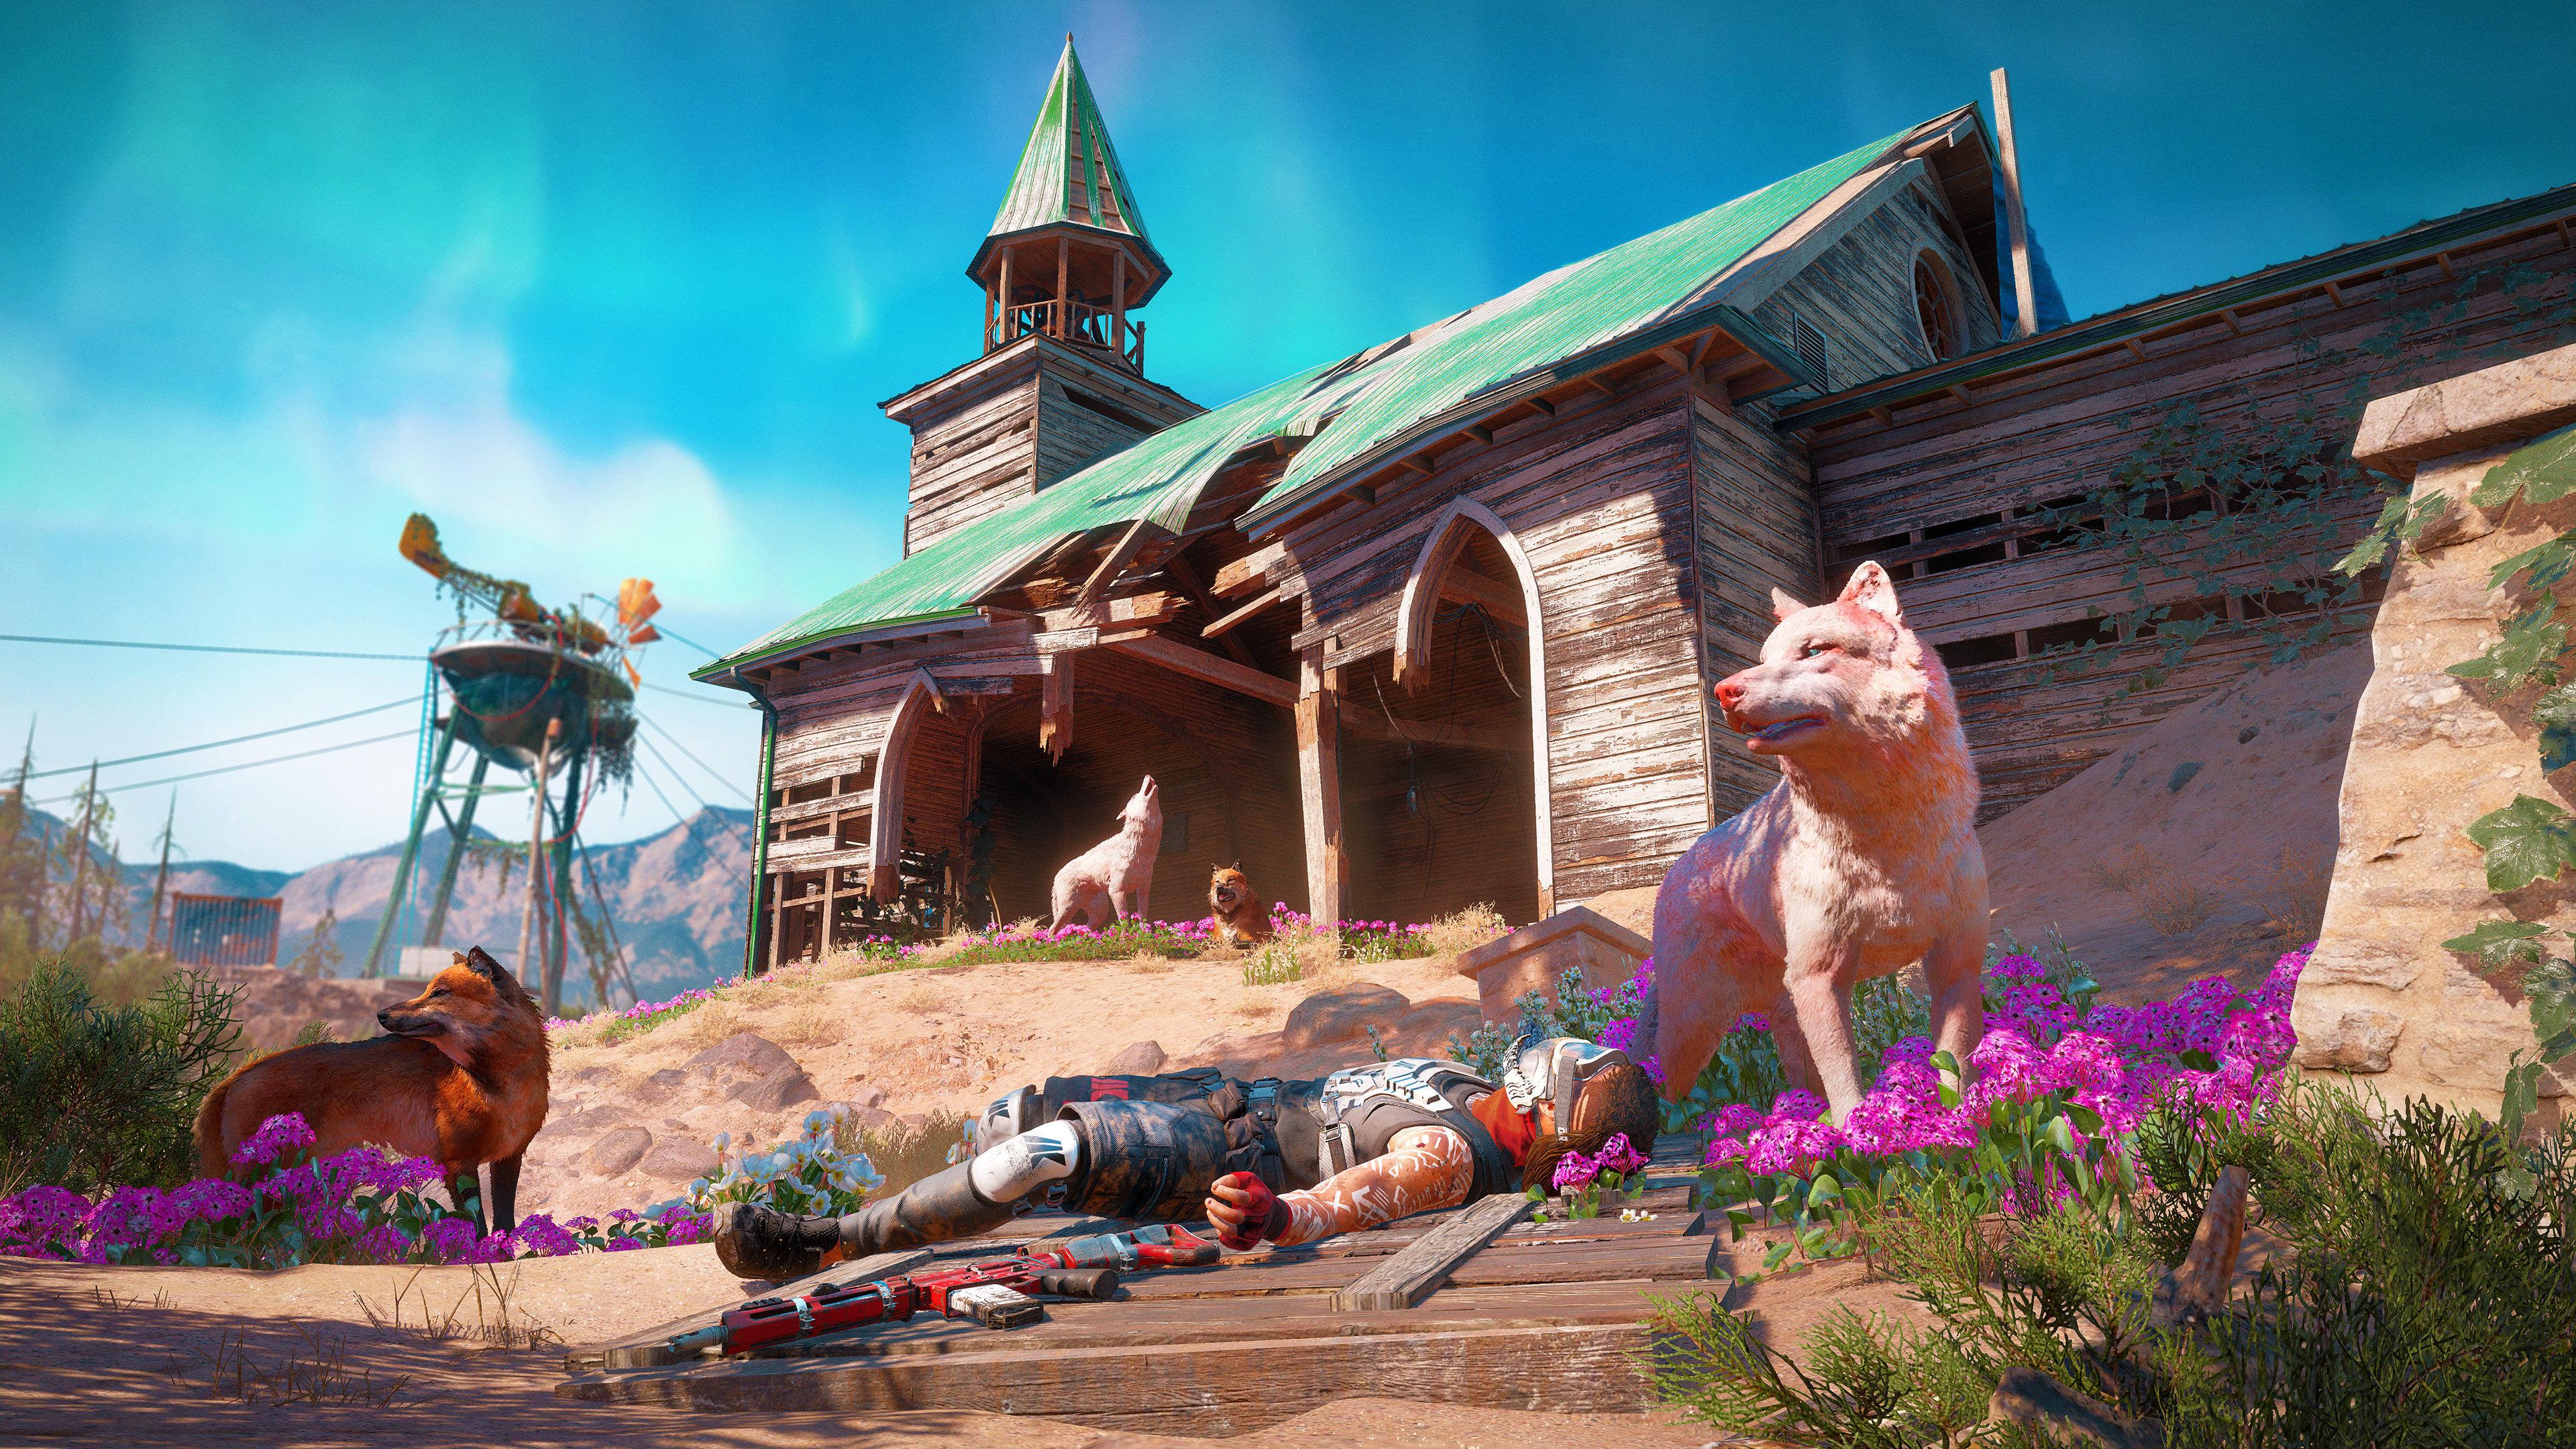 Far Cry New Dawn 4k Ultra HD Wallpaper